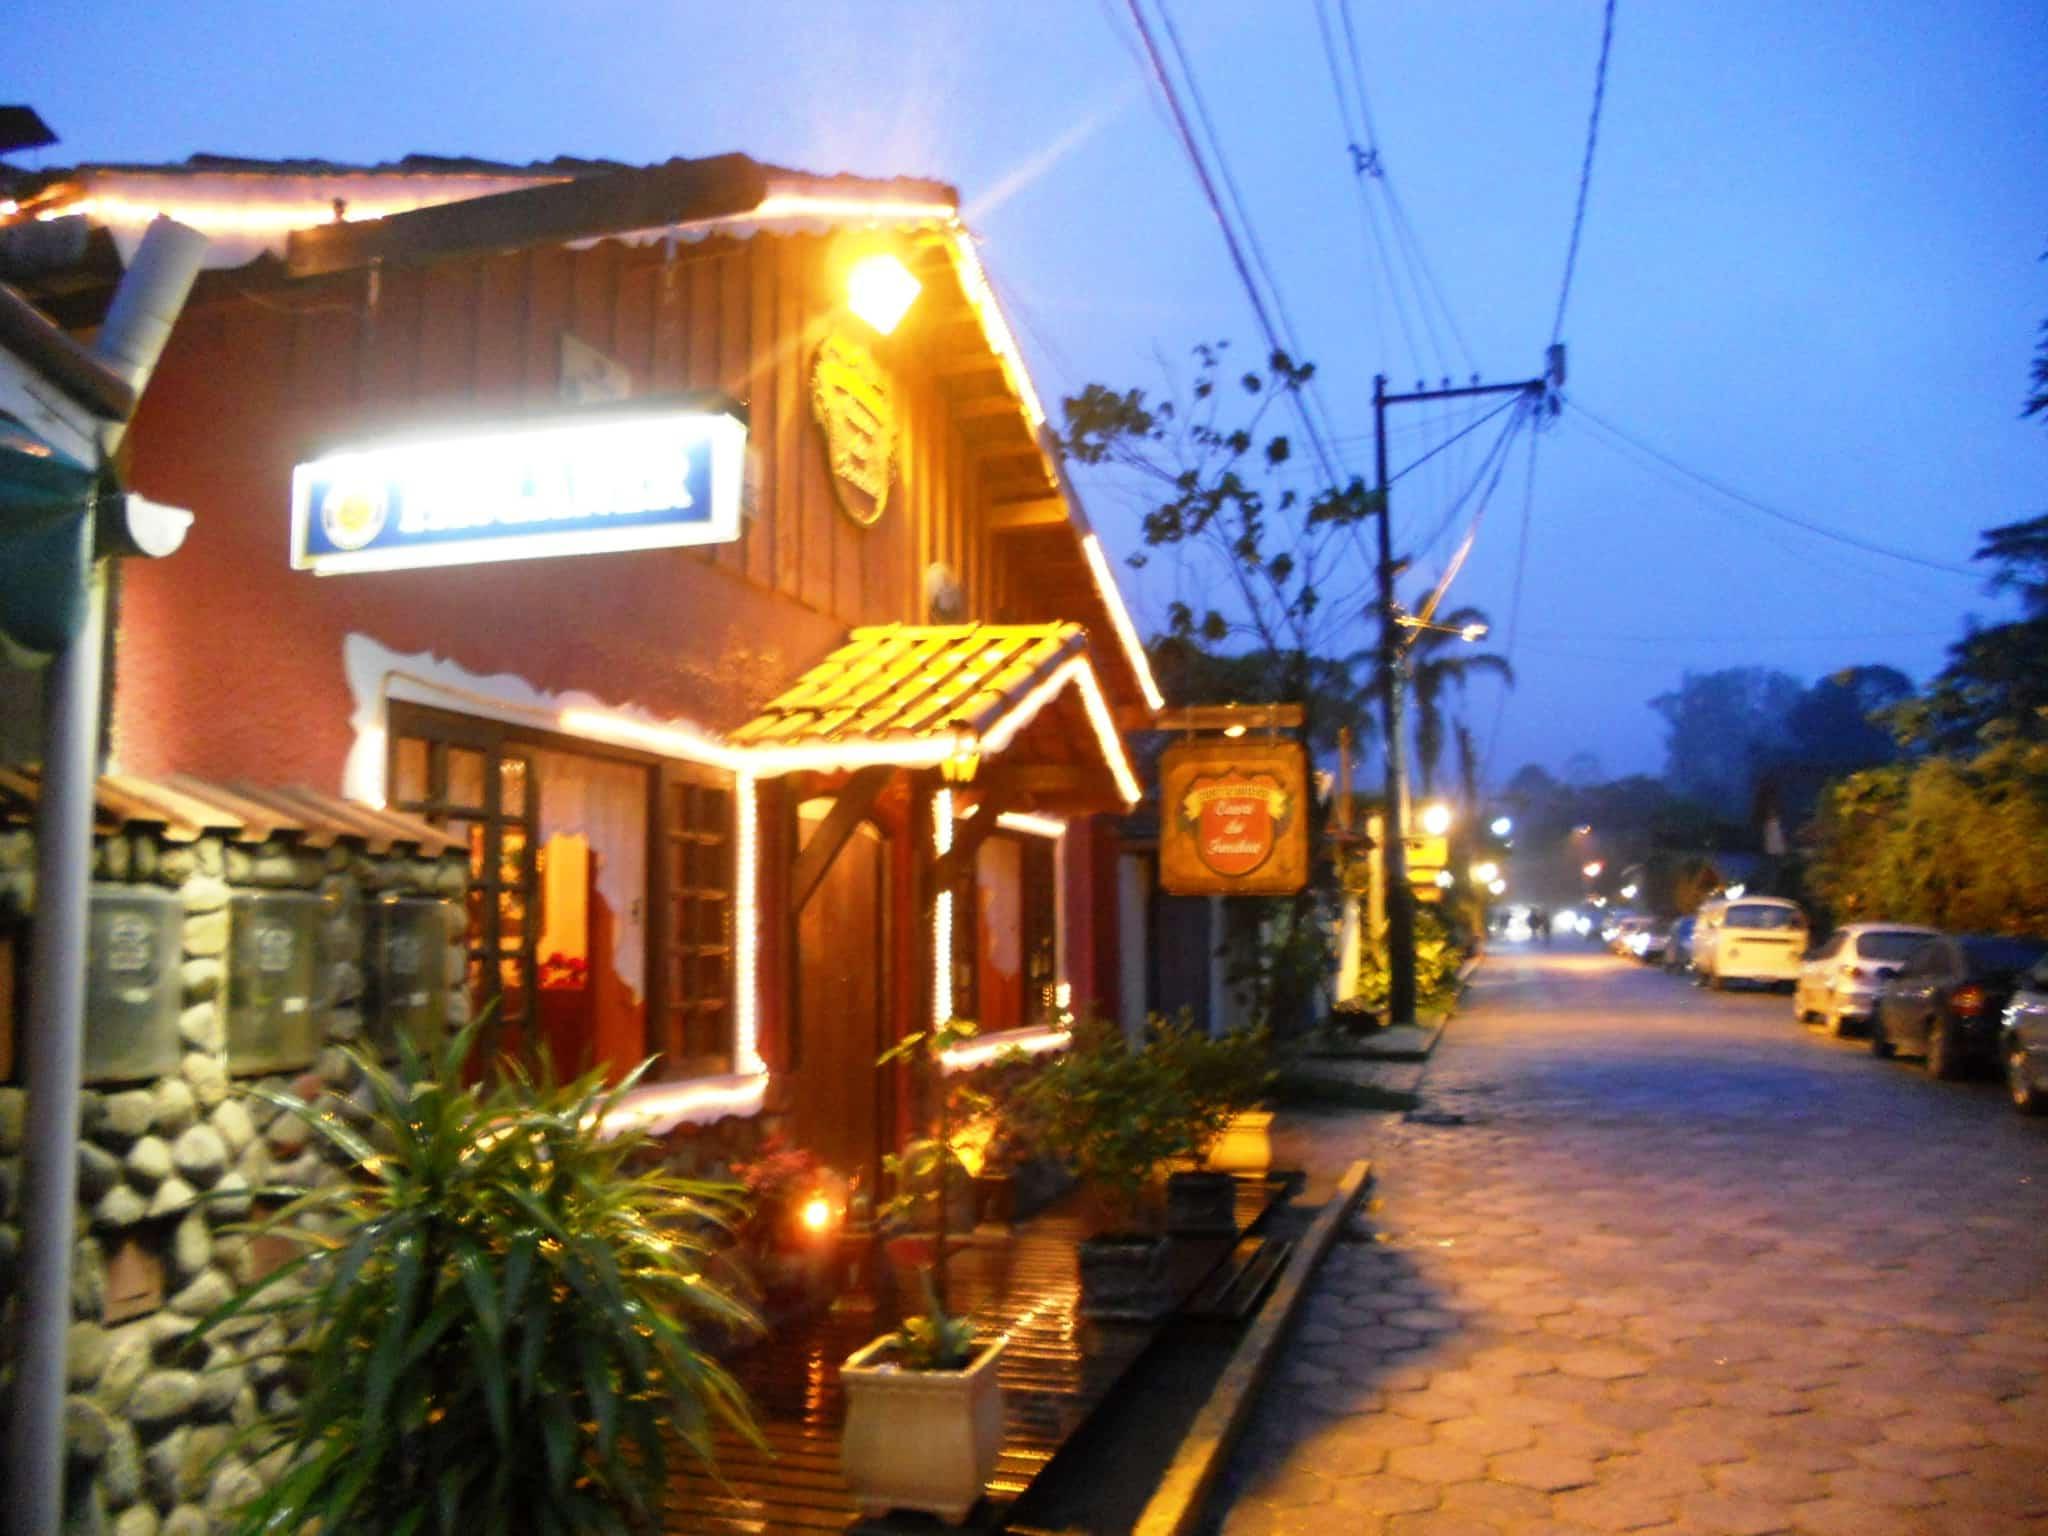 Vista externa do Restaurante de Fondue